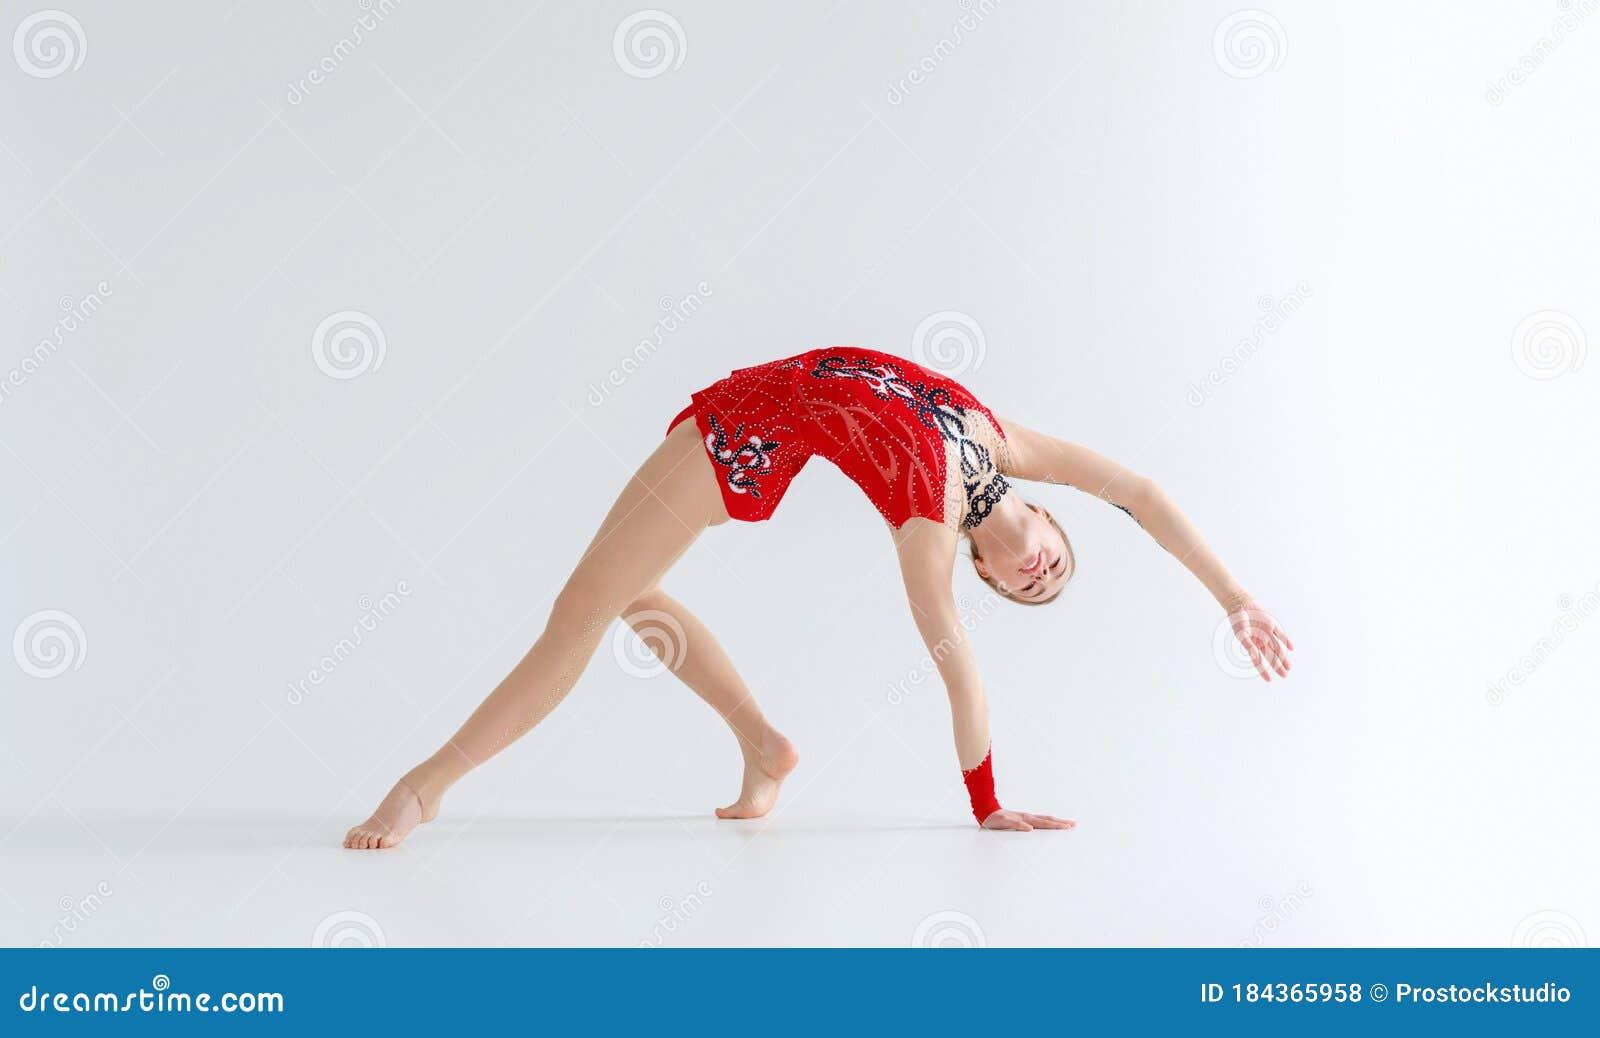 Girls gymnasts warm up. stock photo. Image of lifestyle